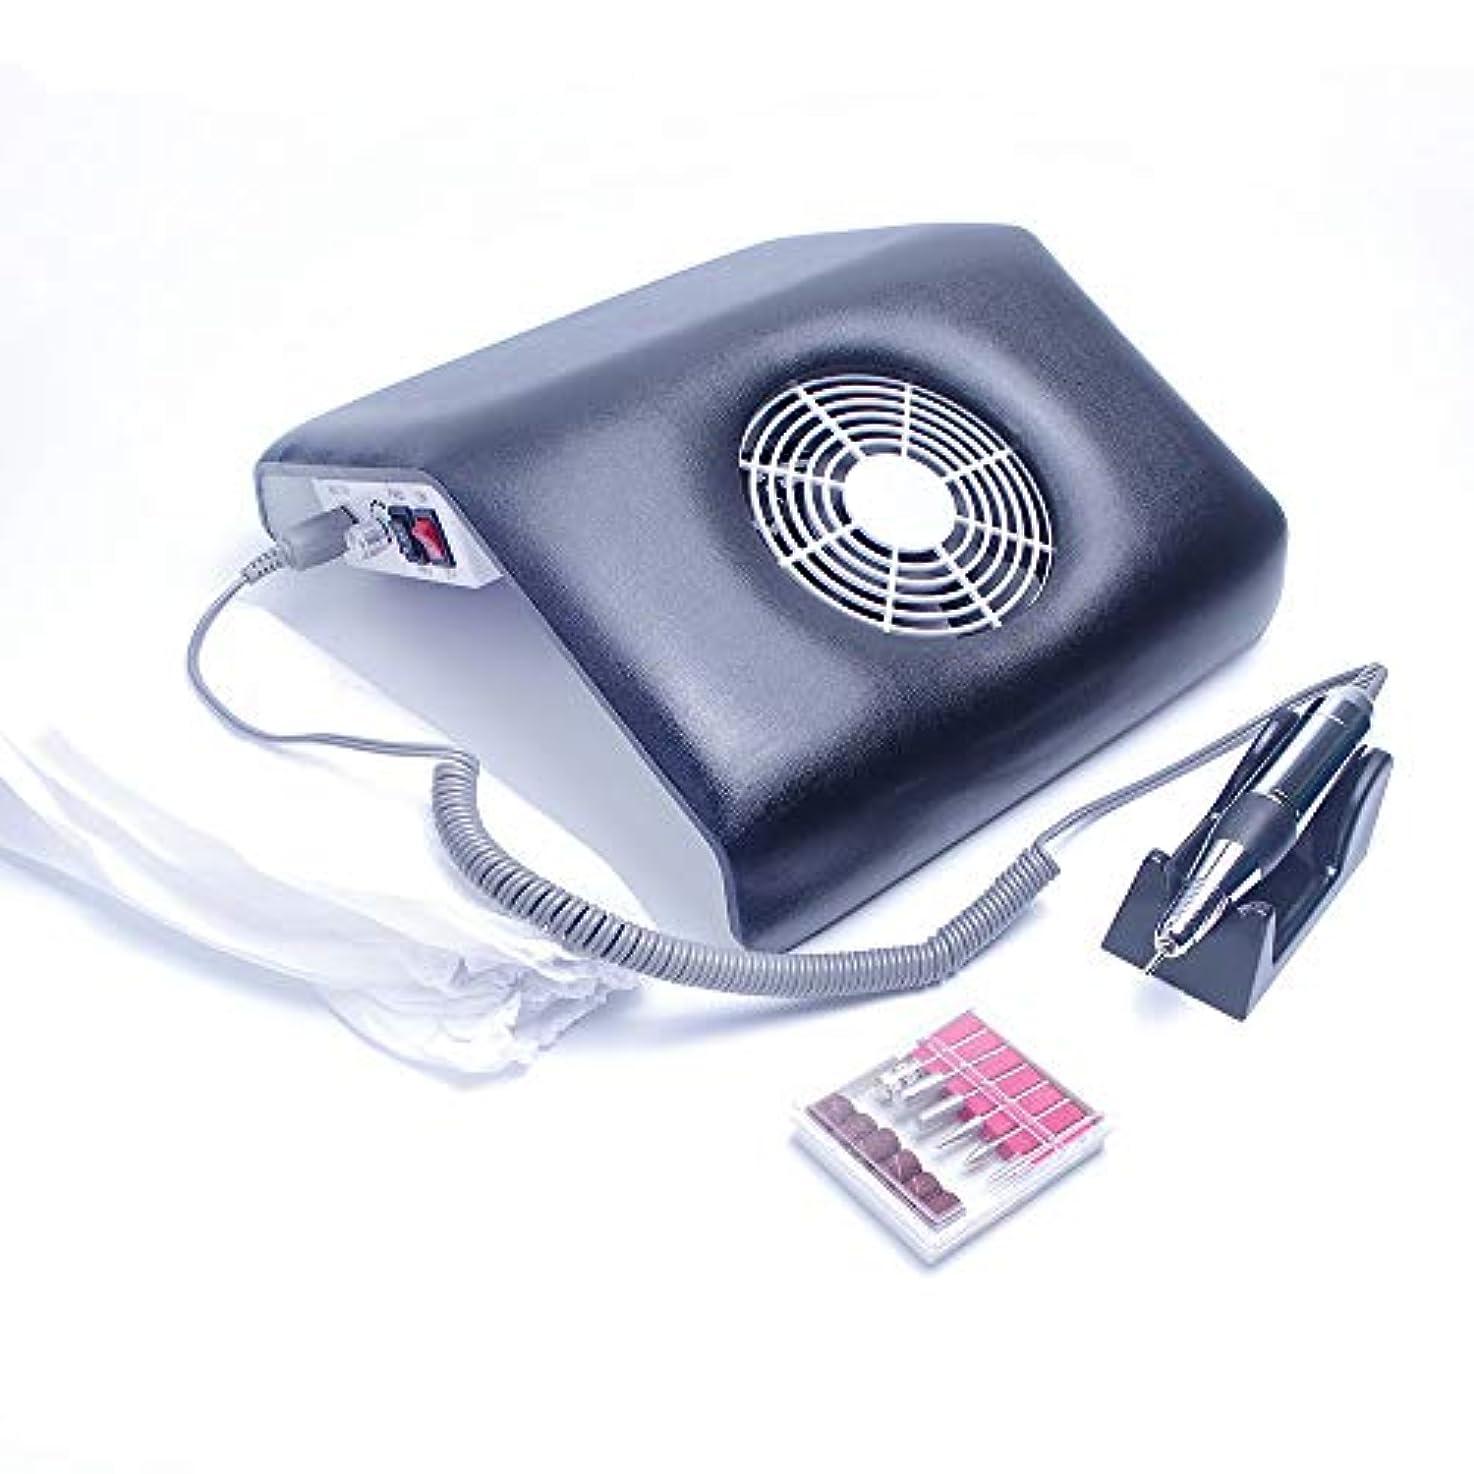 冒険不満手伝う集塵機 ネイル ダストコレクター ネイルドリル ネイルマシーン ネイルマシン 電動ネイルファイル 電動ネイルケア ネイルオフ ジェルネイルオフ ジェルオフ セルフネイル